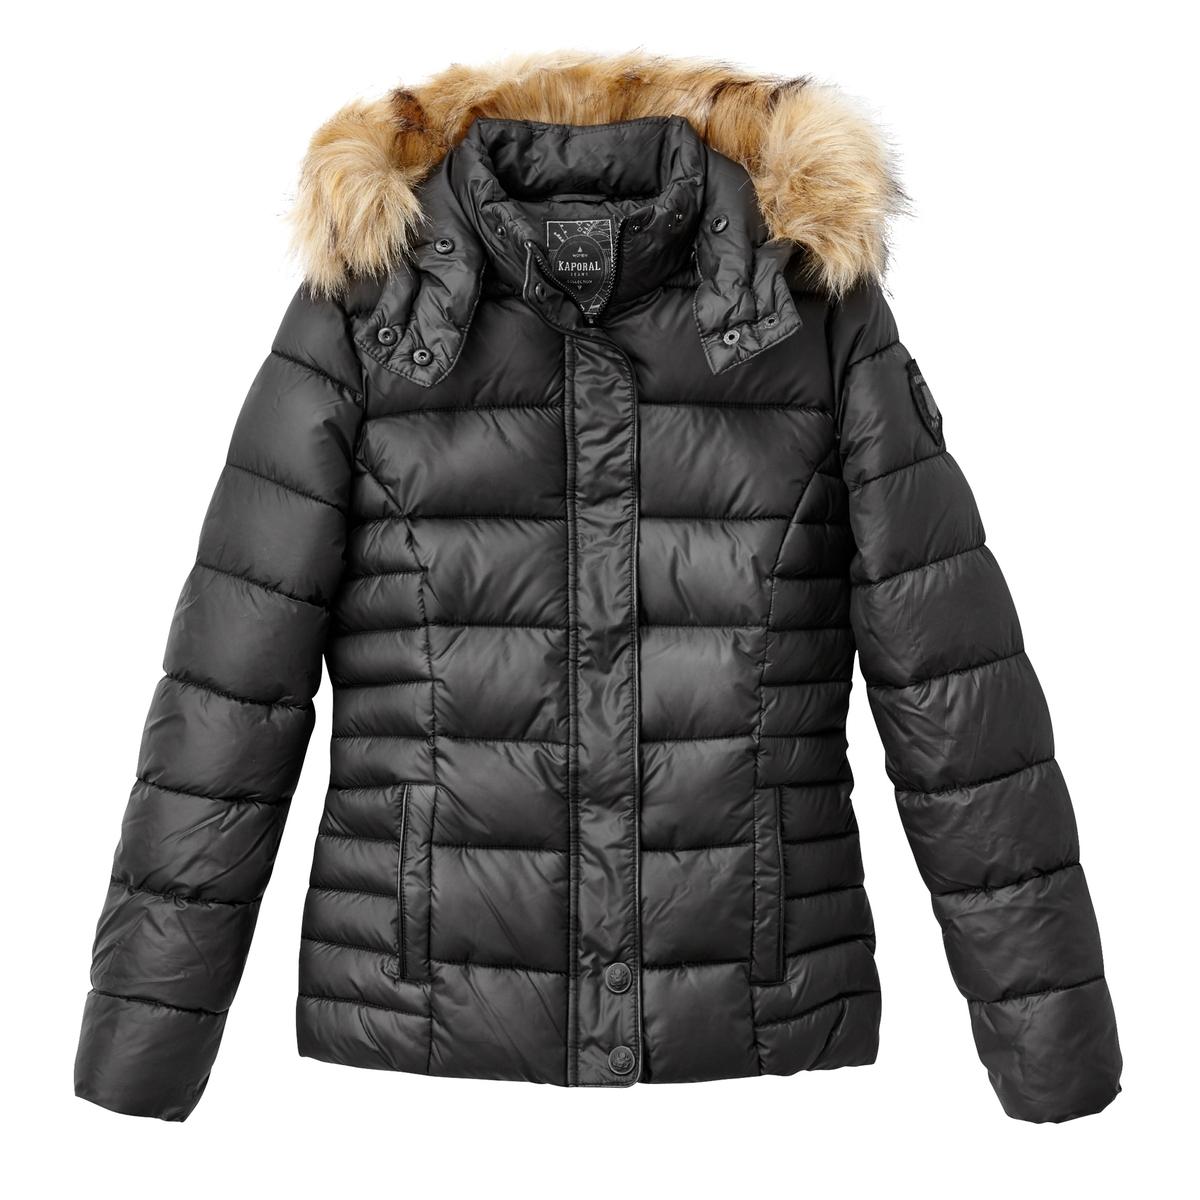 Куртка стеганая с капюшономСтеганая куртка KAPORAL отличный выбор для защиты от холода и дождя этой зимой . Эта стеганая куртка на молнии  с капюшоном объединяет в себе комфорт и стиль .Детали •  Длина : средняя •  Капюшон •  Застежка на молнию •  С капюшономСостав и уход  •  Следуйте советам по уходу, указанным на этикетке<br><br>Цвет: бордовый,синий морской,черный<br>Размер: M.S.M.S.XL.L.L.XL.XL